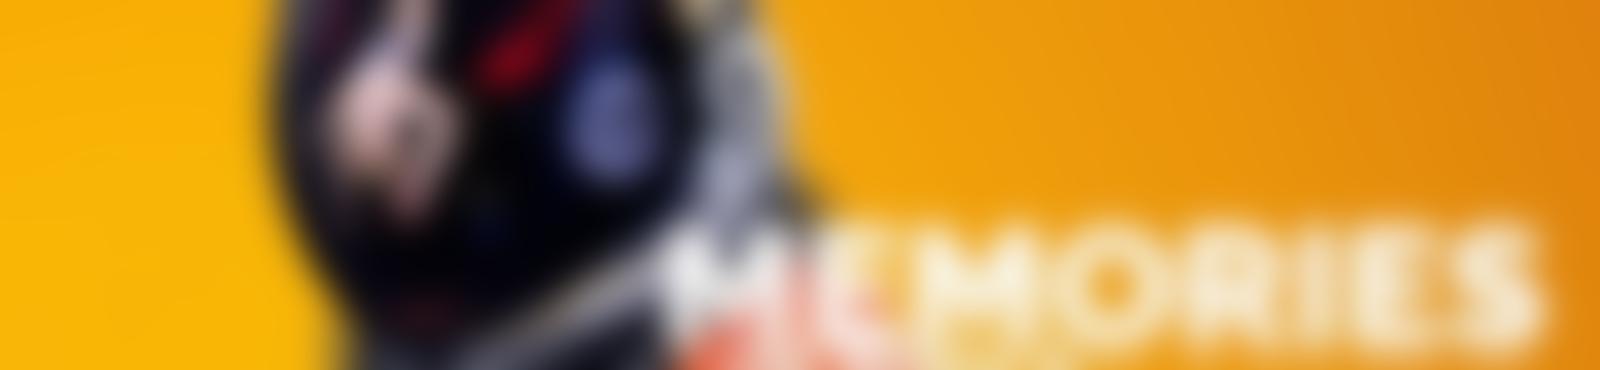 Blurred 9586ed6e 7e8c 474b 822b 4ef9a0d3d76c